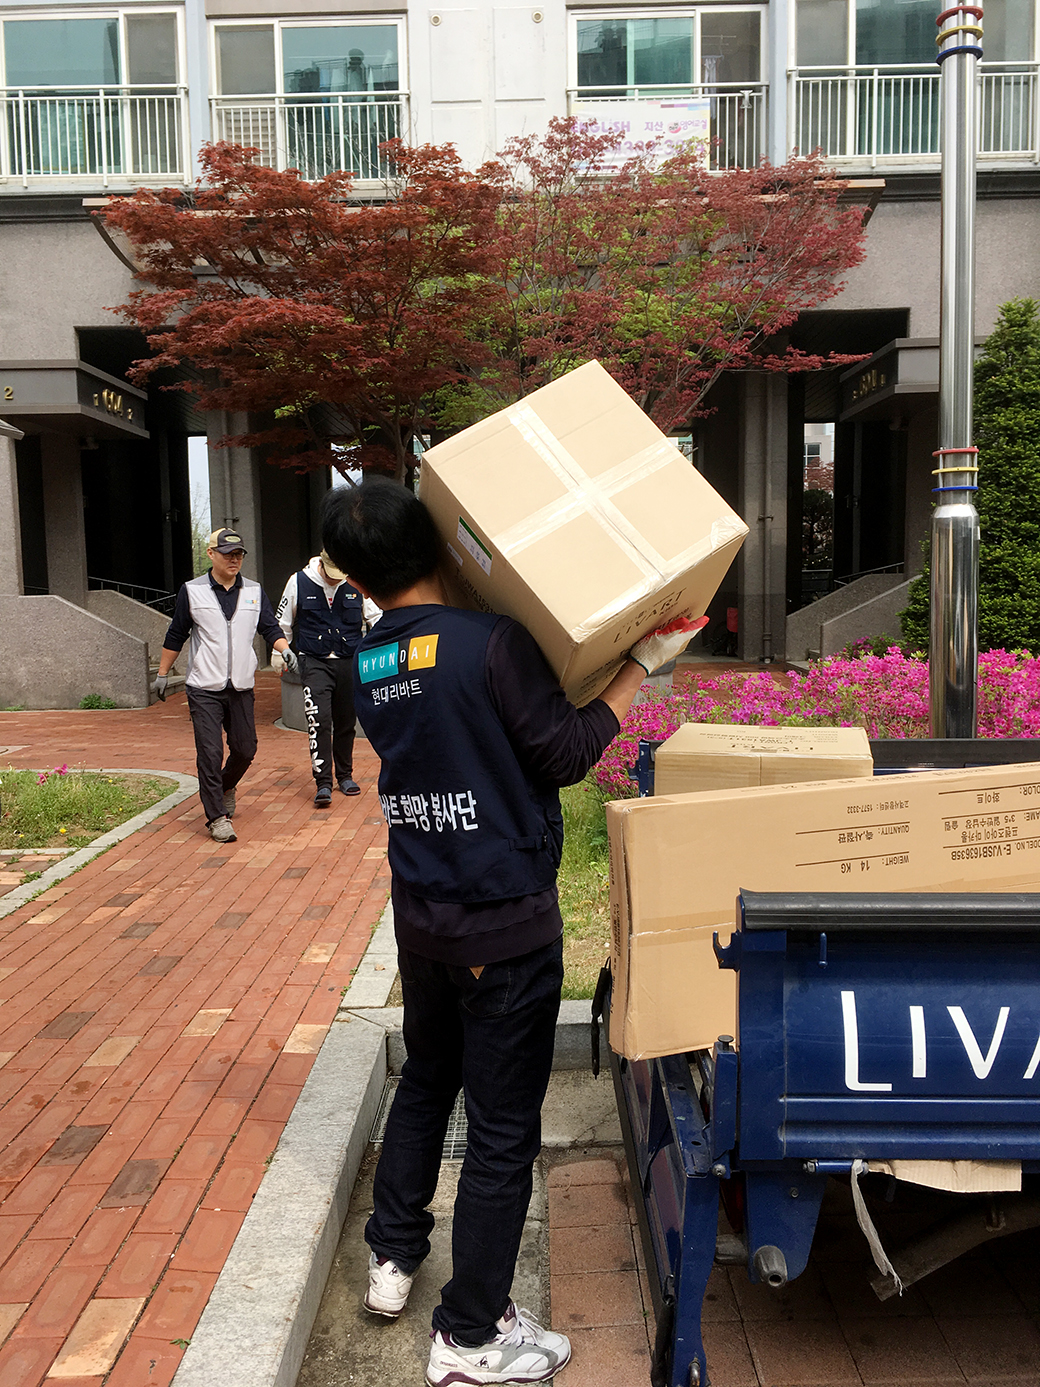 리바트 희망 봉사단들이 지역아동센터에 기증된 물건들을 트럭에서 내리는 모습.